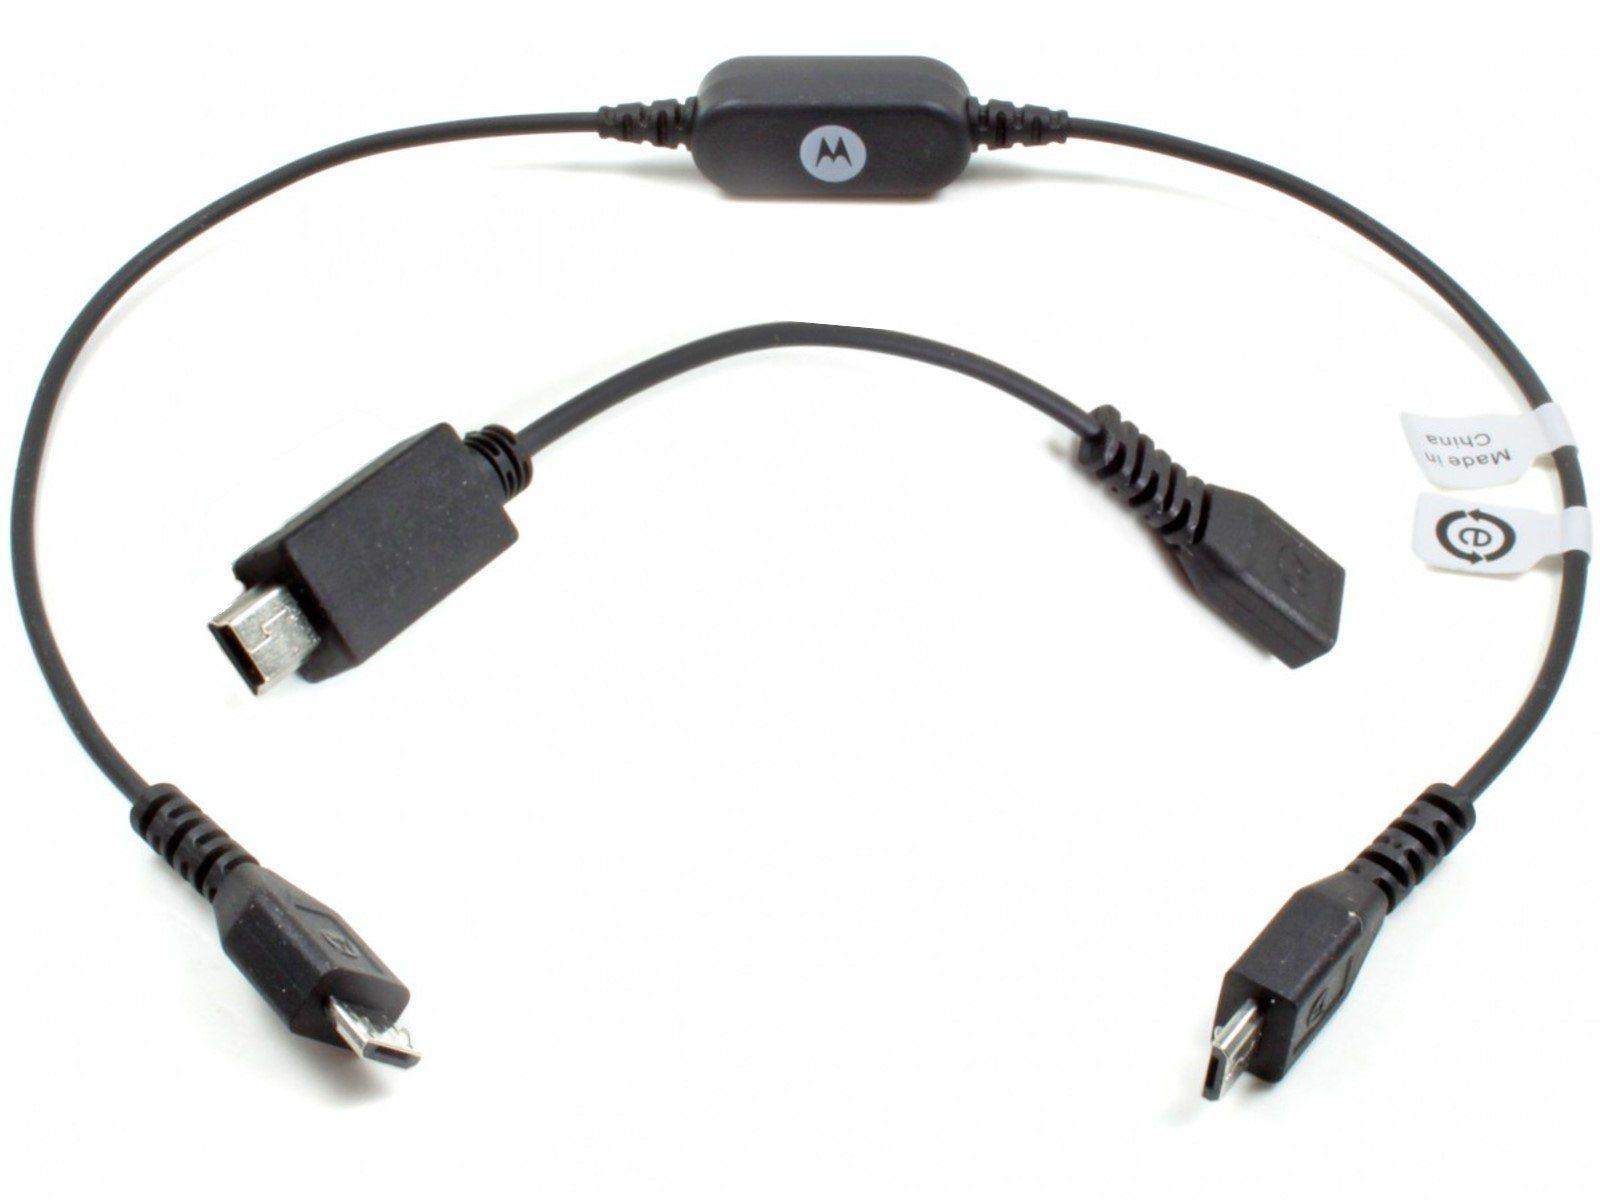 Cable de clonación para Motorola CLP446 / CLK446 / XT420/XT460